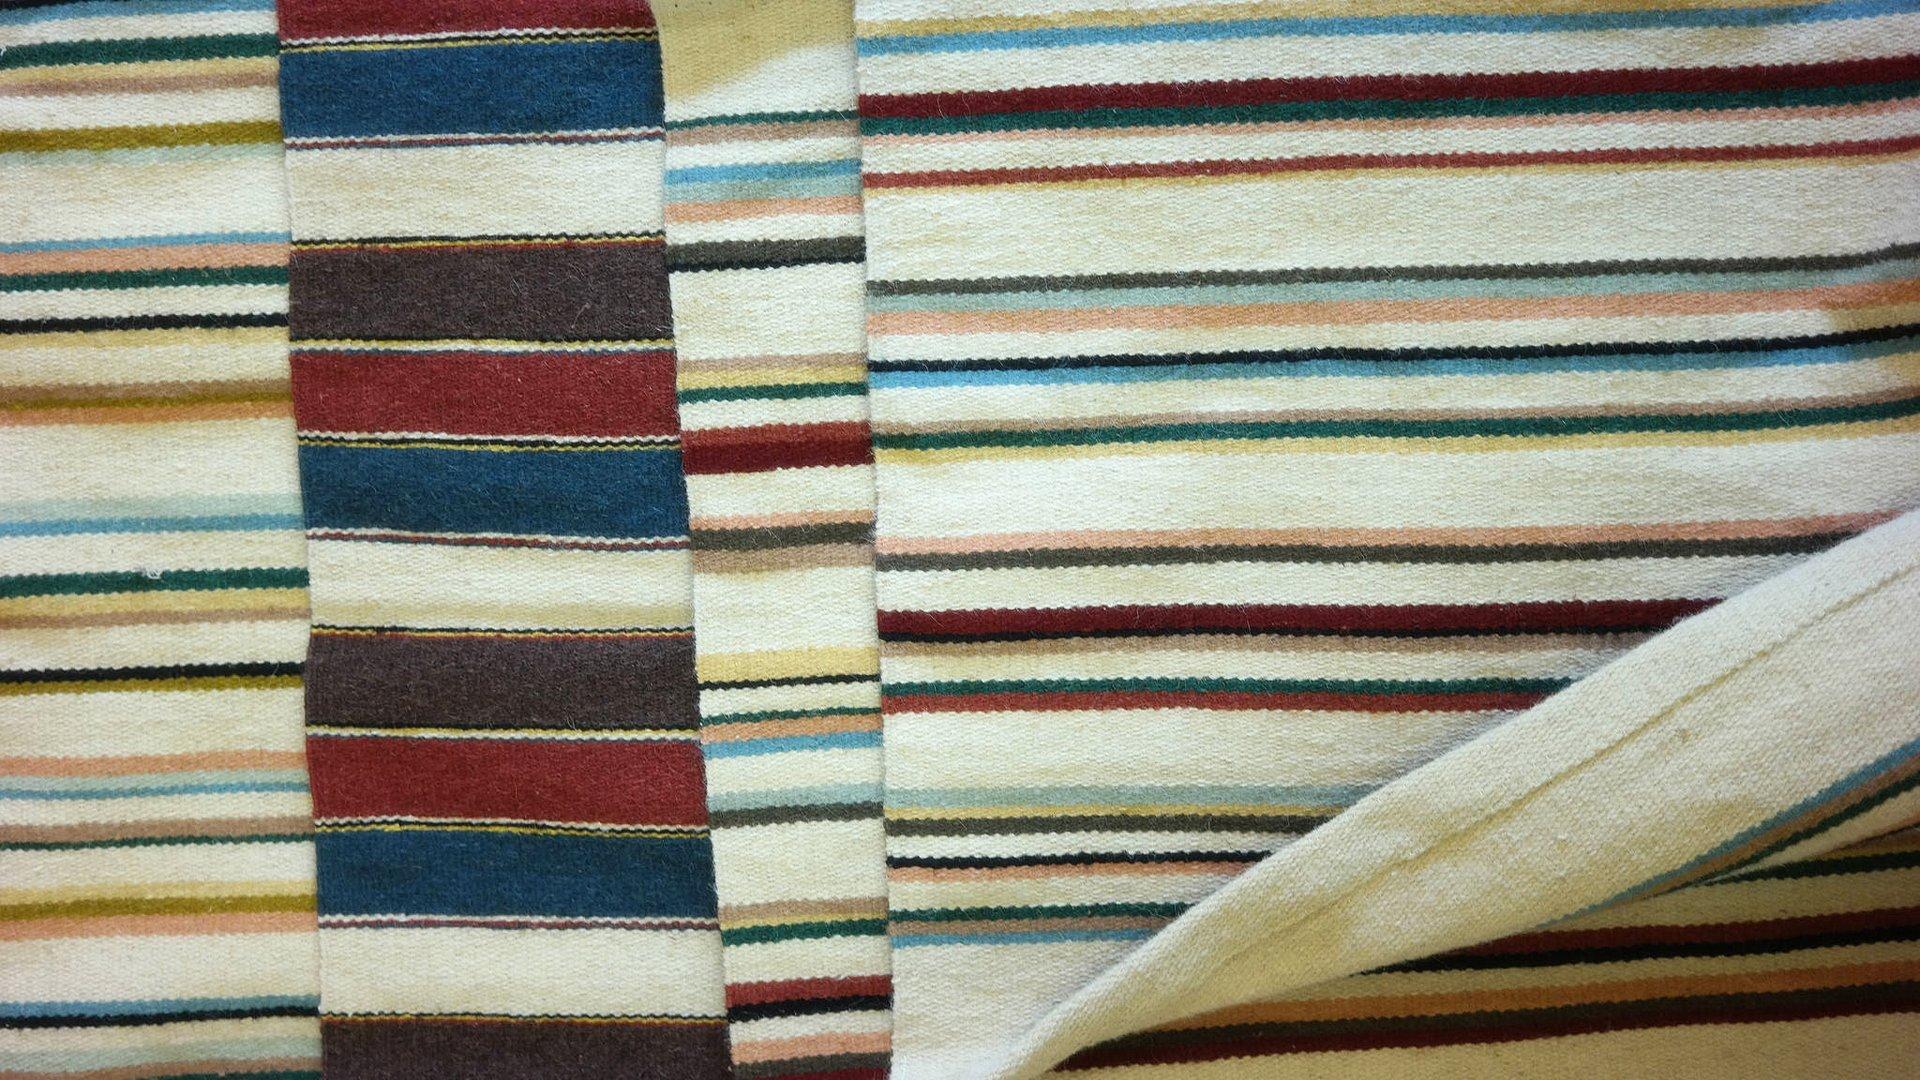 Kézi szövésű gyapjúszőnyeg - erdélyi szőnyegek helyi birkák gyapjújából, kézi szövőgépen készülnek, ízléses színösszeállításban